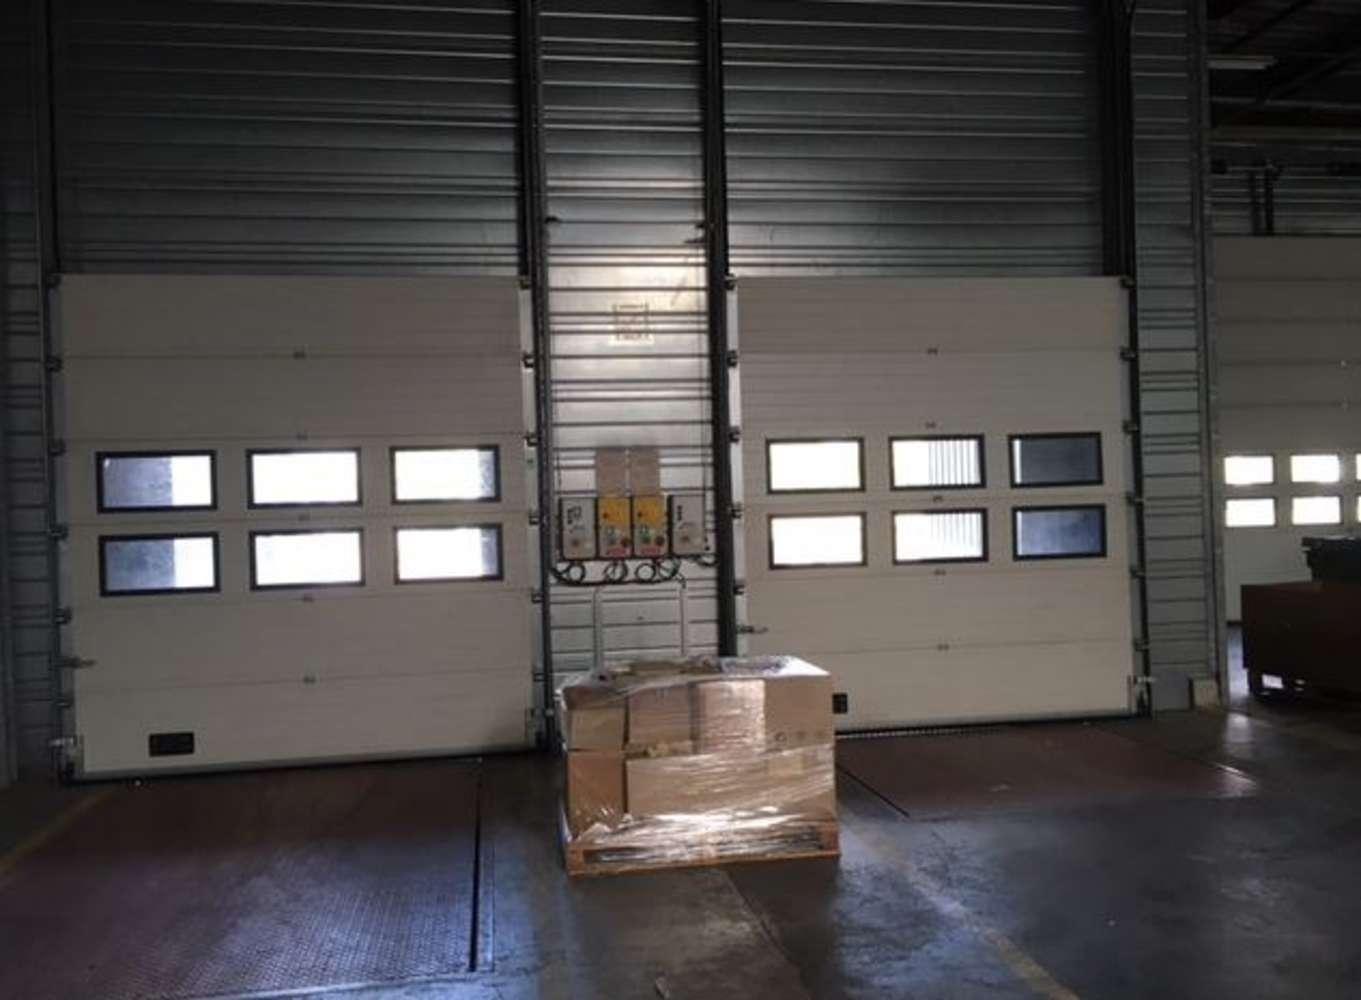 Activités/entrepôt Poissy, 78300 - 33-35 RUE CHARLES EDOUARD JEANNERET - 9462851